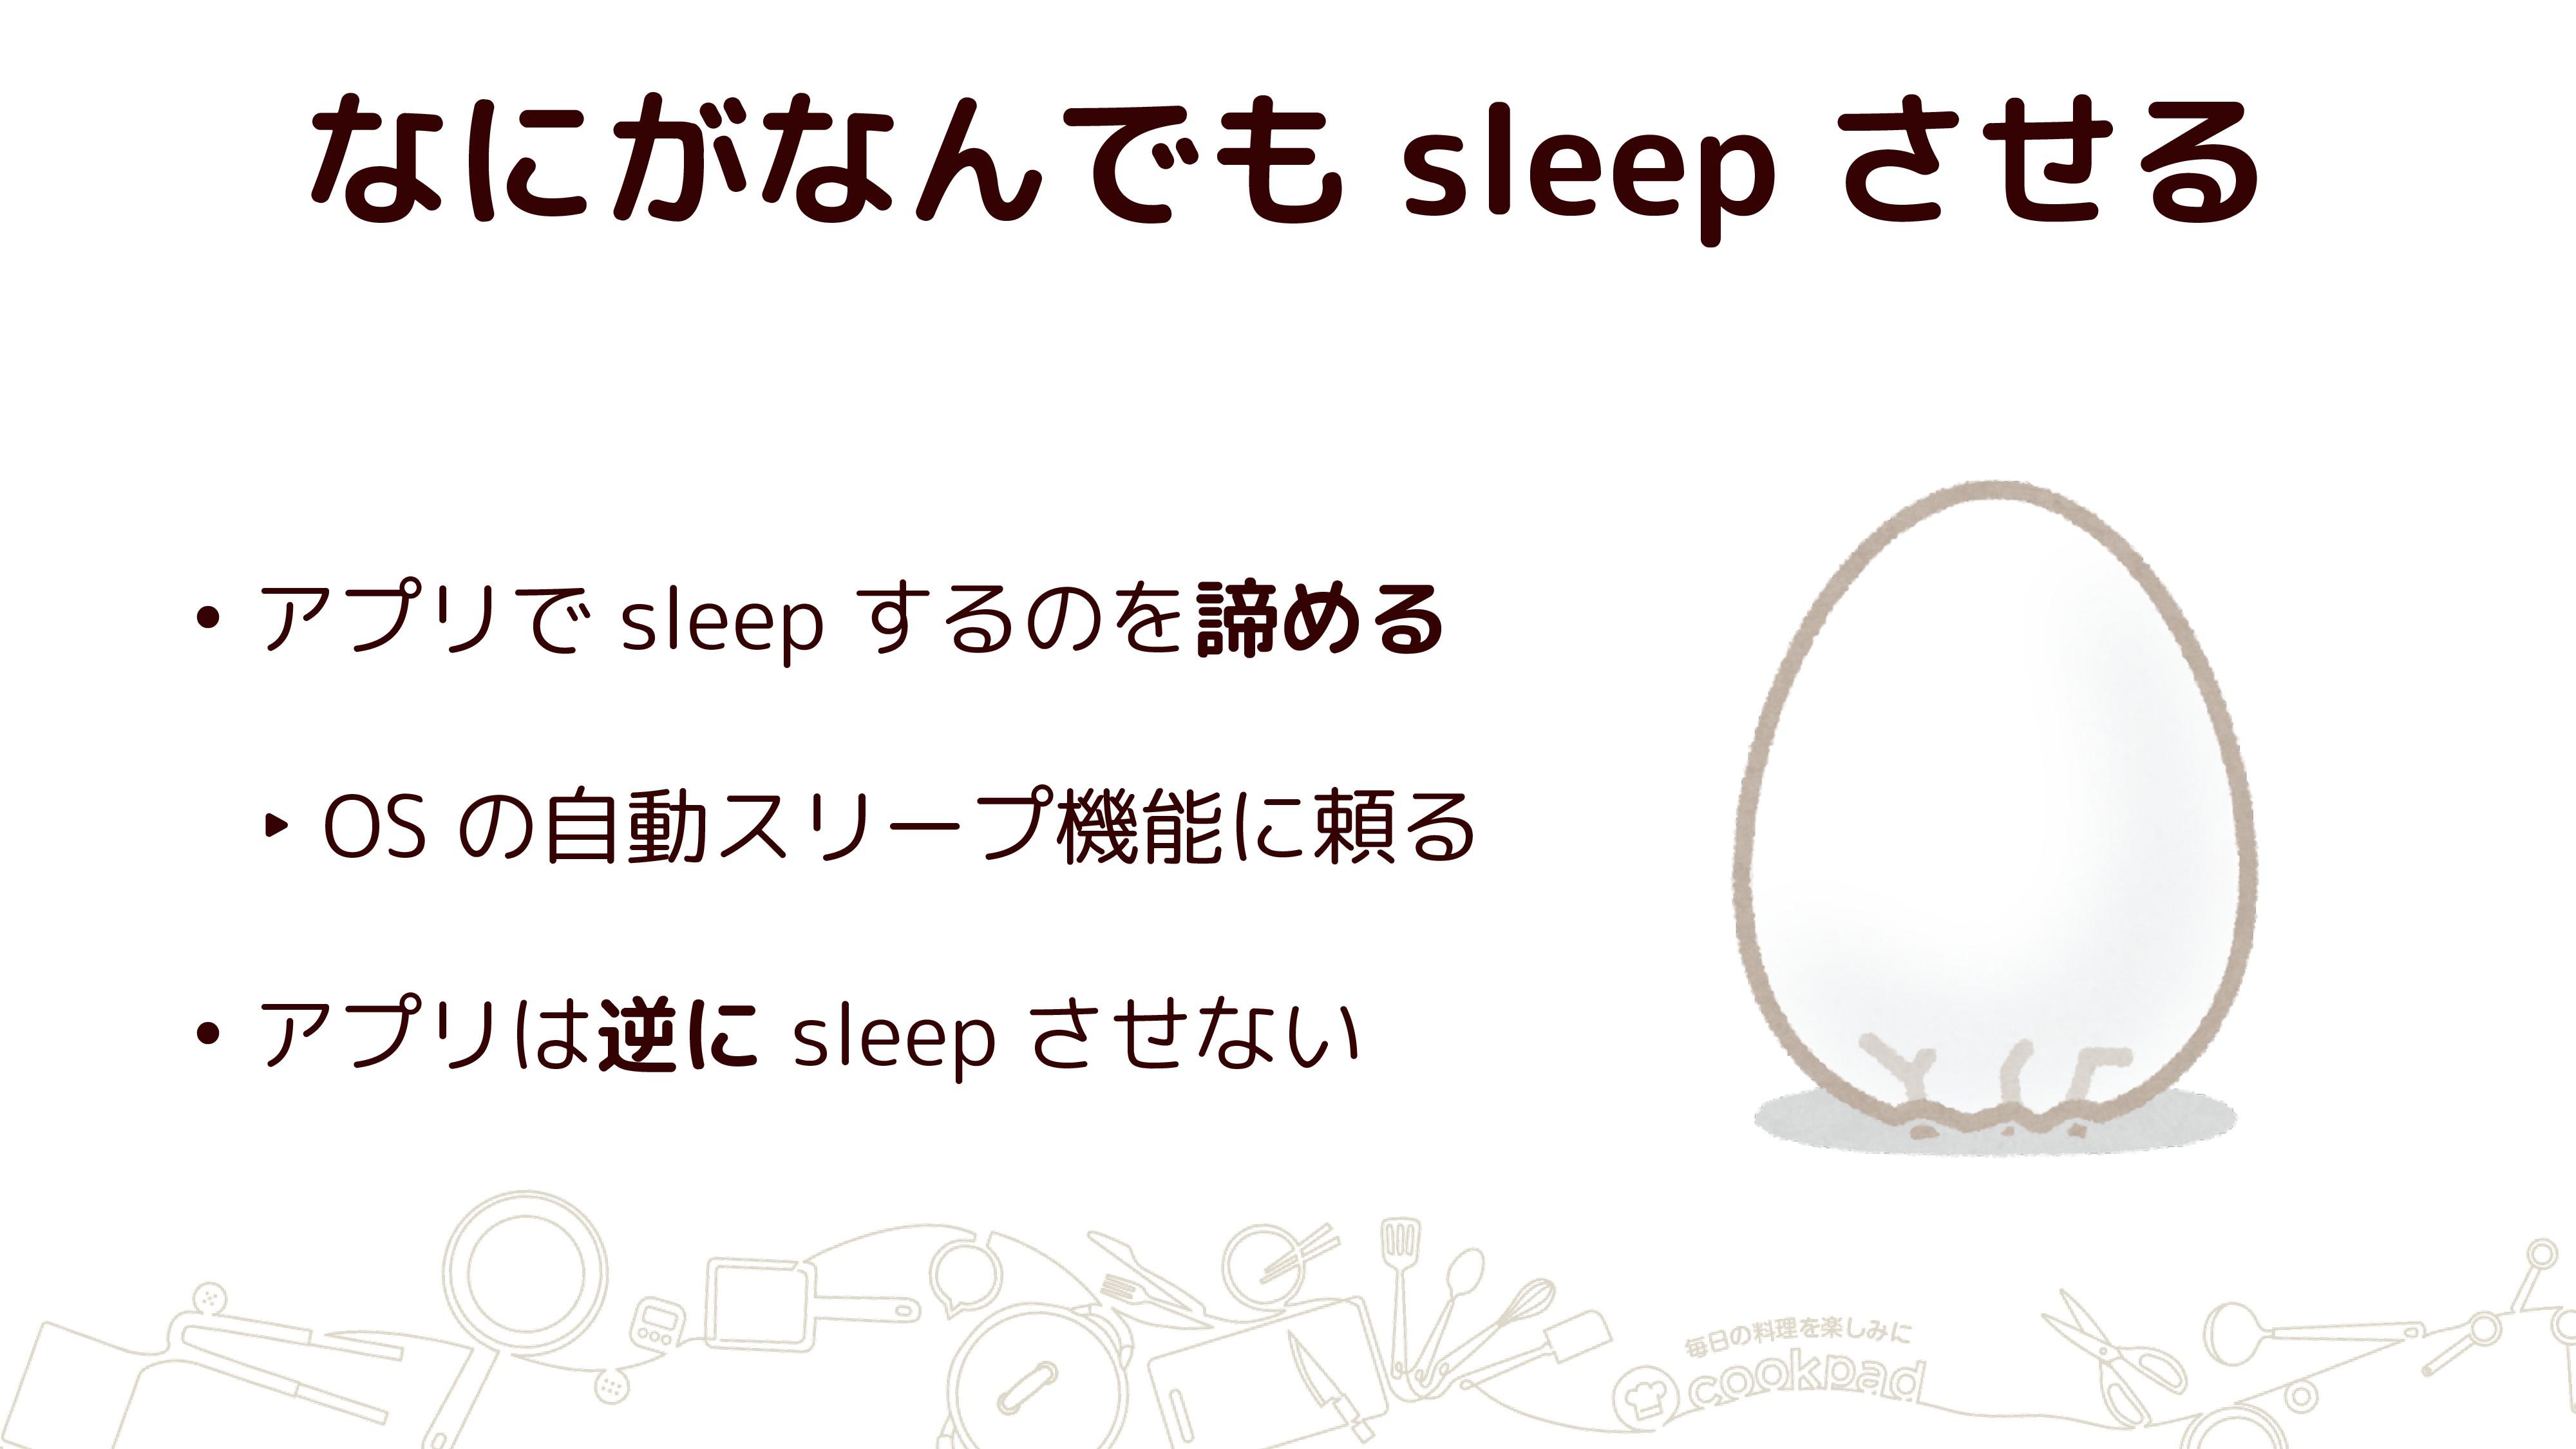 なにがなんでも sleep させる • アプリで sleep するのを諦める ‣ OS の自動...